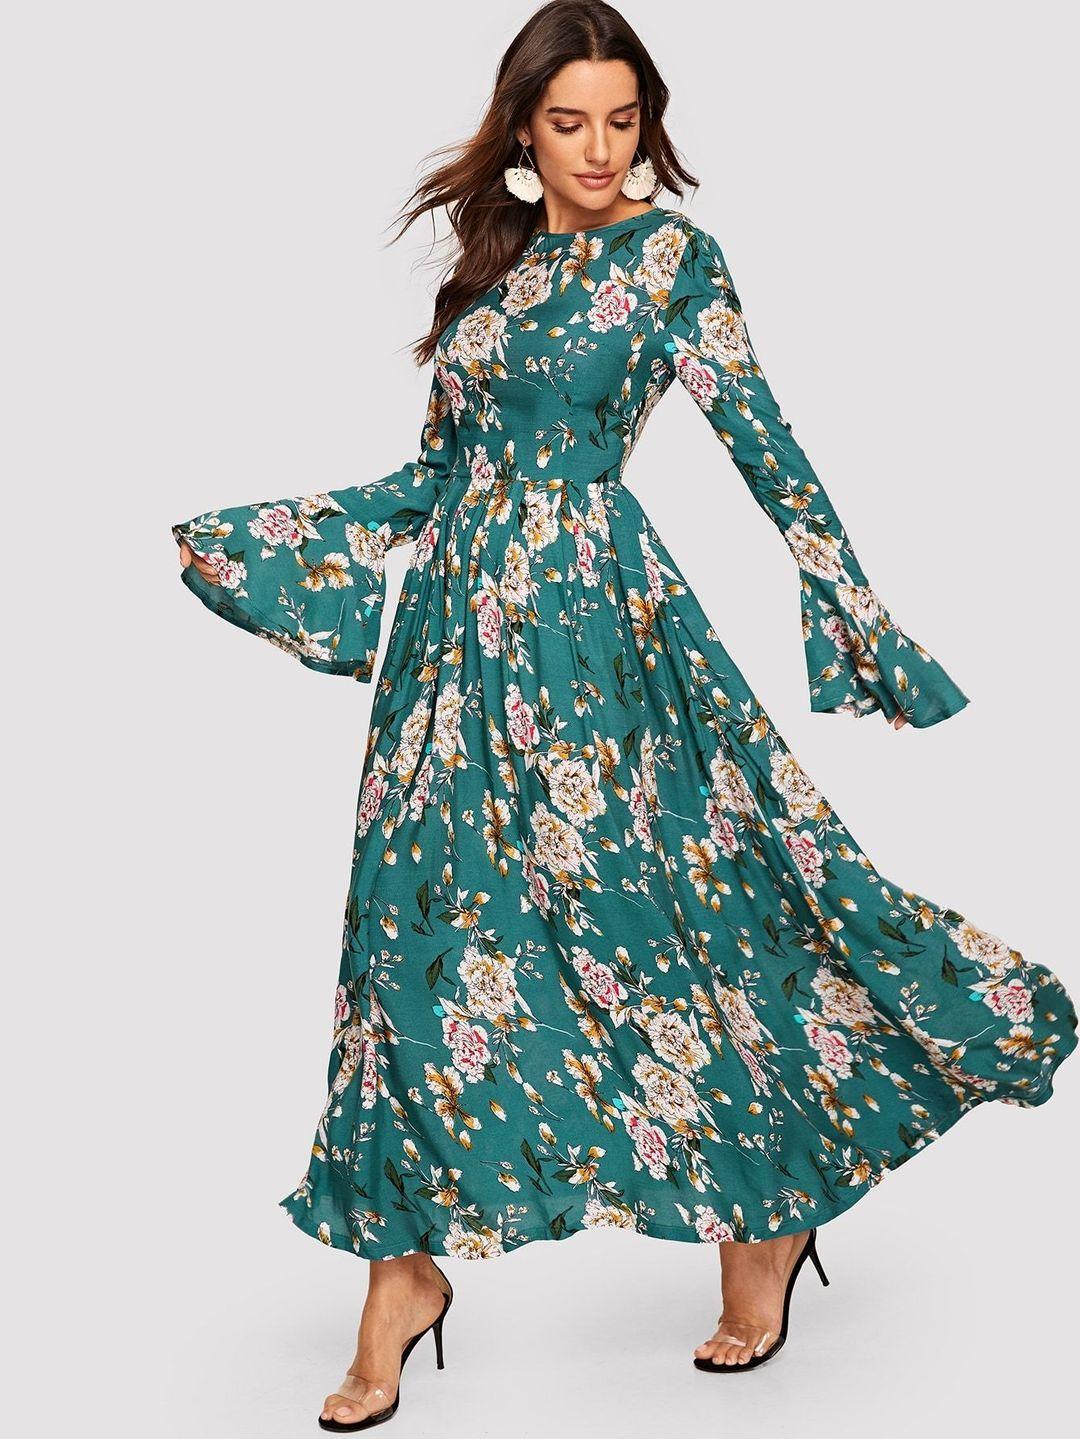 Trumpet Sleeve Floral Maxi Dress Floral Maxi Dress Maxi Dress With Sleeves Floral Lace Maxi Dress [ 1439 x 1080 Pixel ]